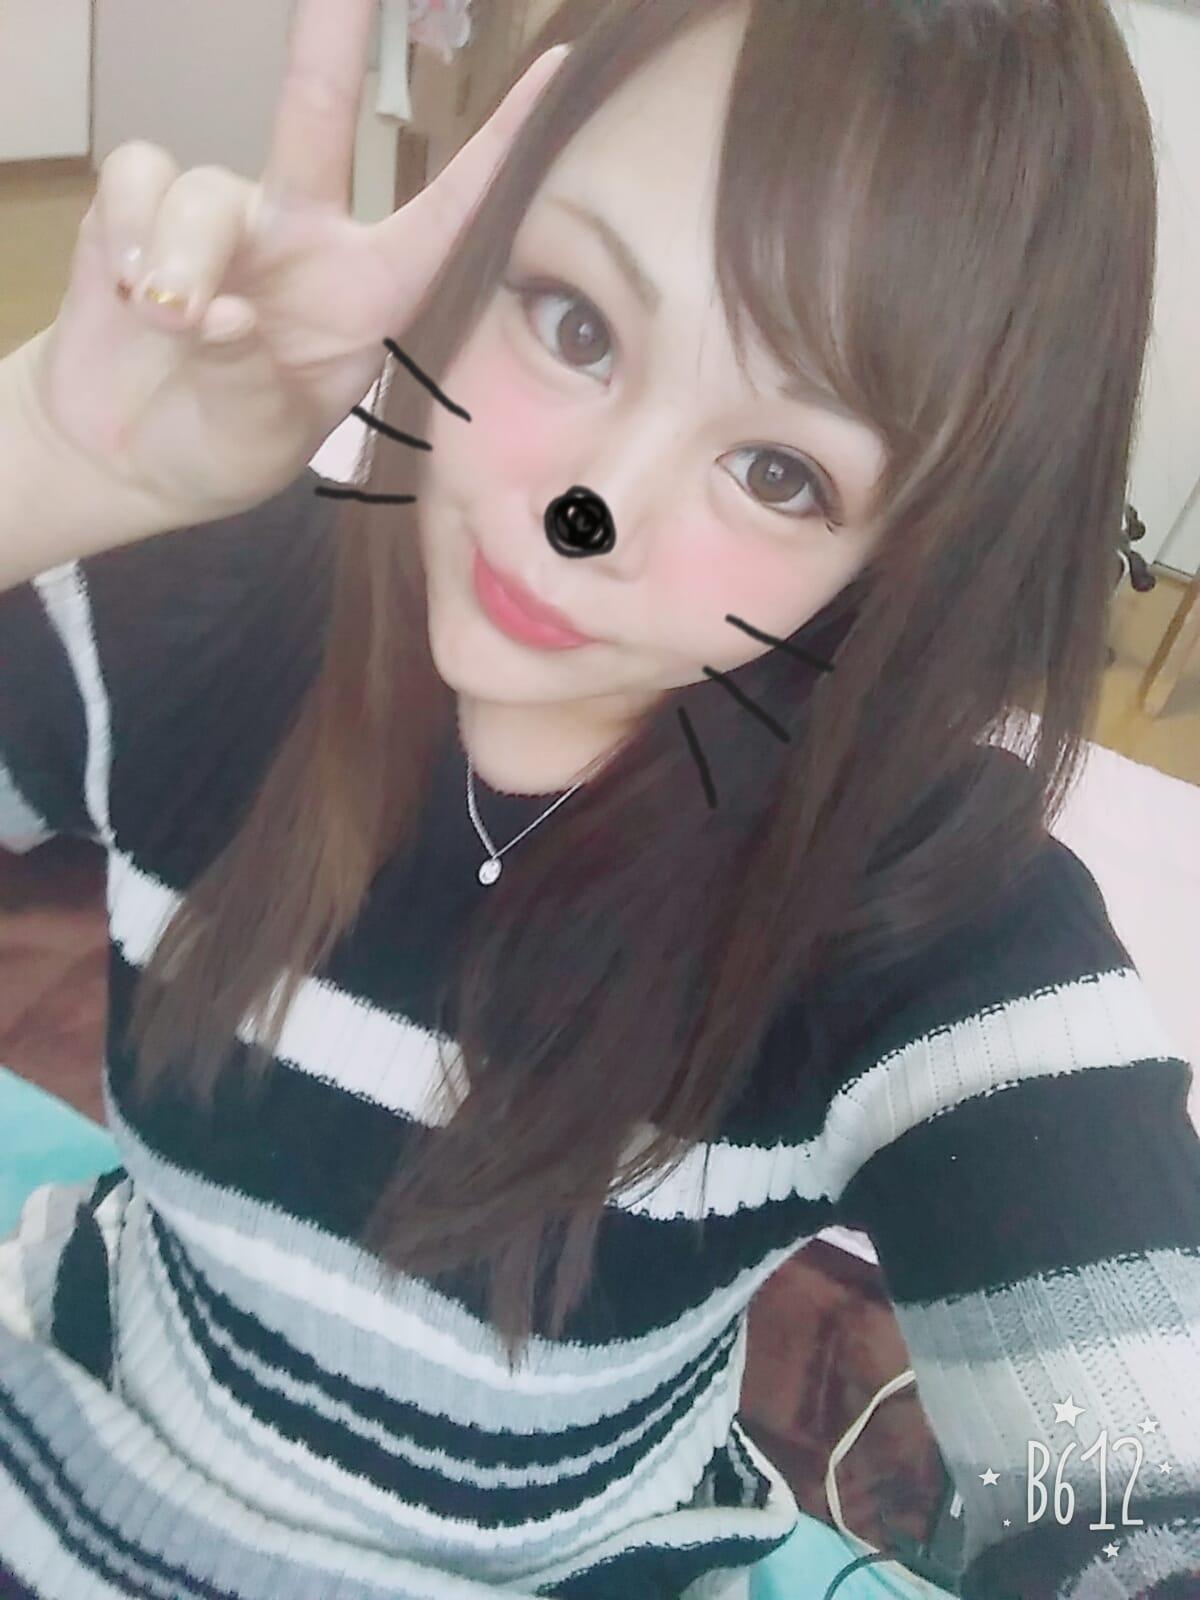 「自宅のお兄さん★」10/23(月) 18:27 | いおの写メ・風俗動画